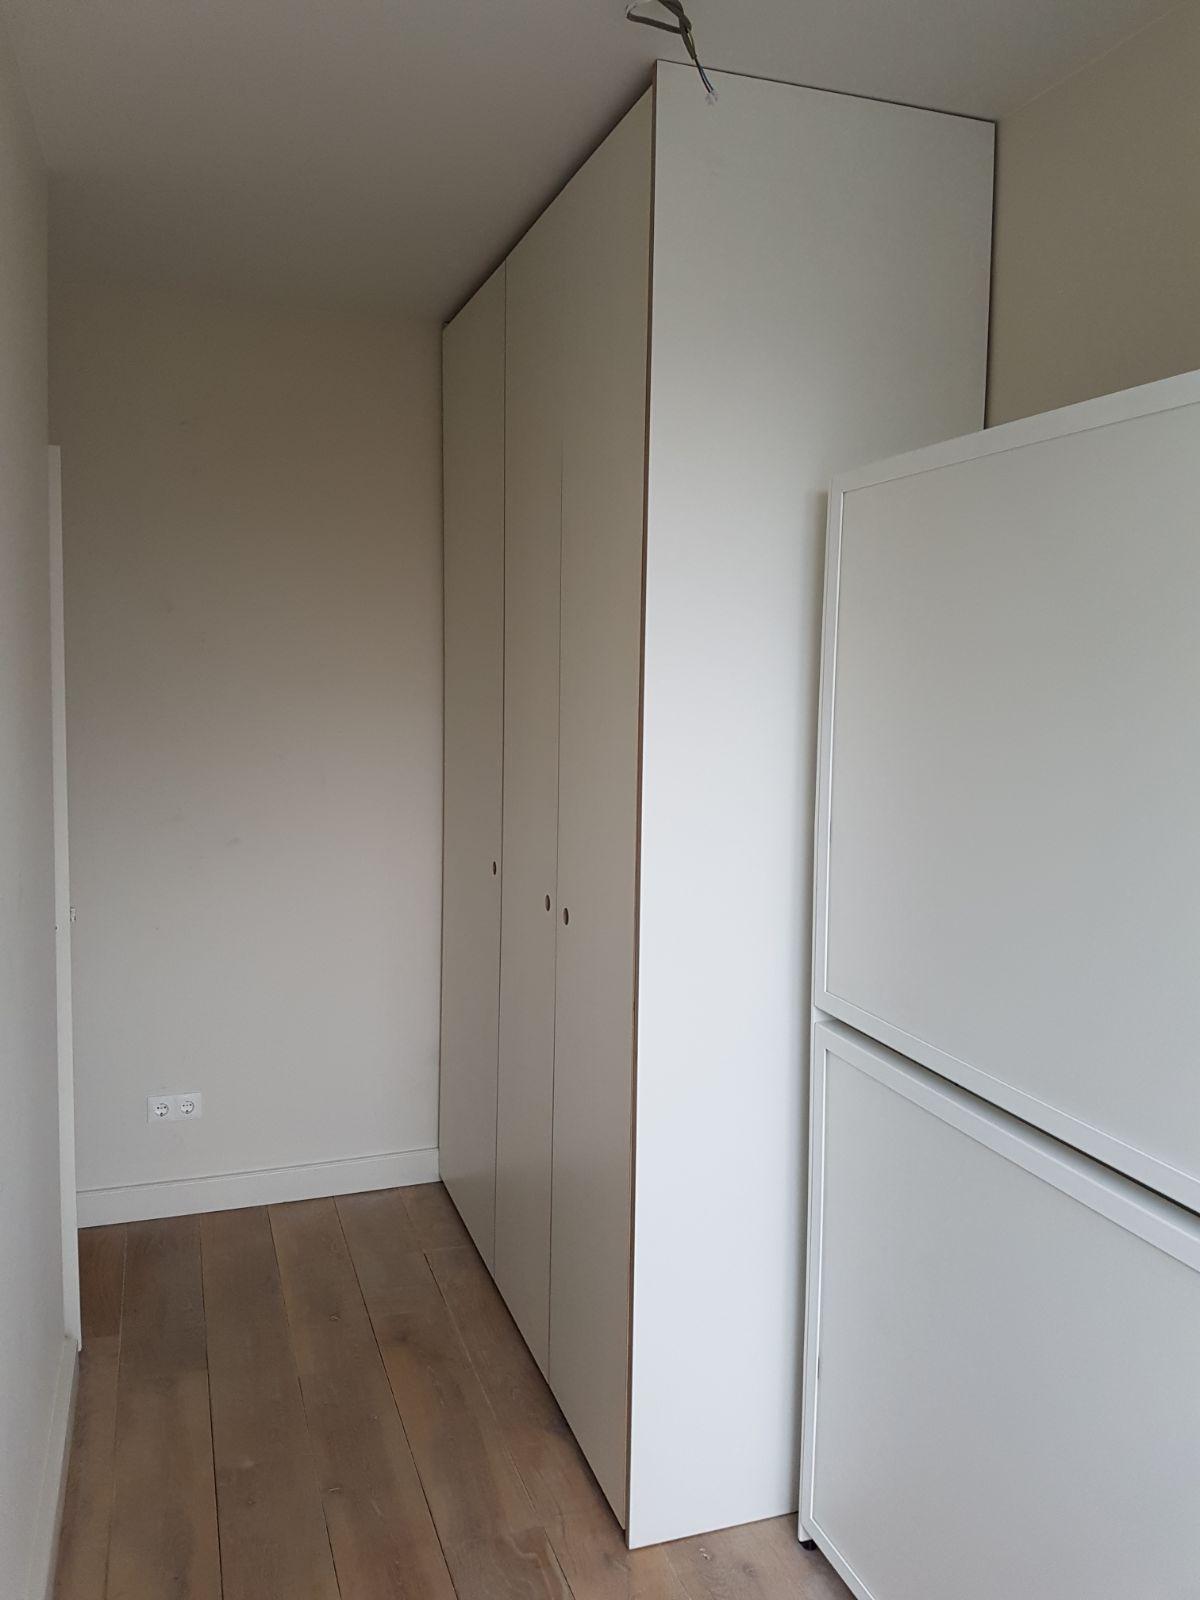 Schuifdeuren Voor Garderobekast.3052 2 Witte Schuifdeuren Wasmachine En Garderobekast 2d W